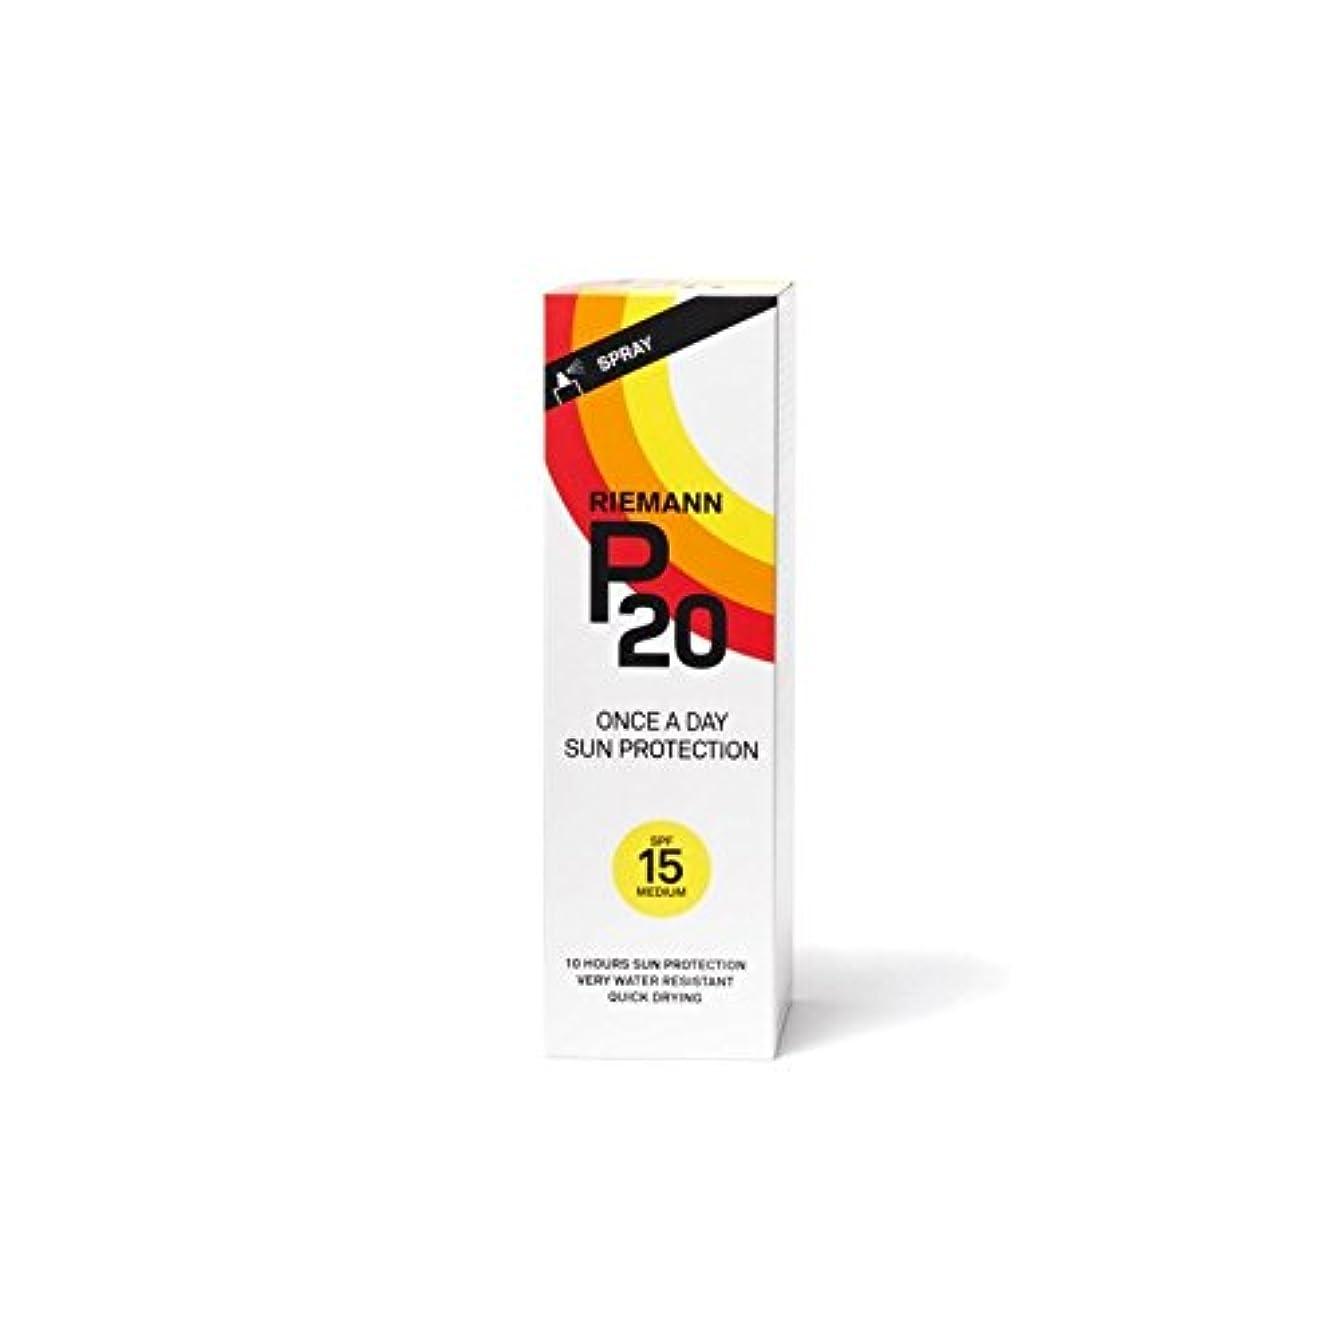 属する砂利増加するリーマン20のサンフィルター100ミリリットル15 x4 - Riemann P20 Sun Filter 100ml SPF15 (Pack of 4) [並行輸入品]